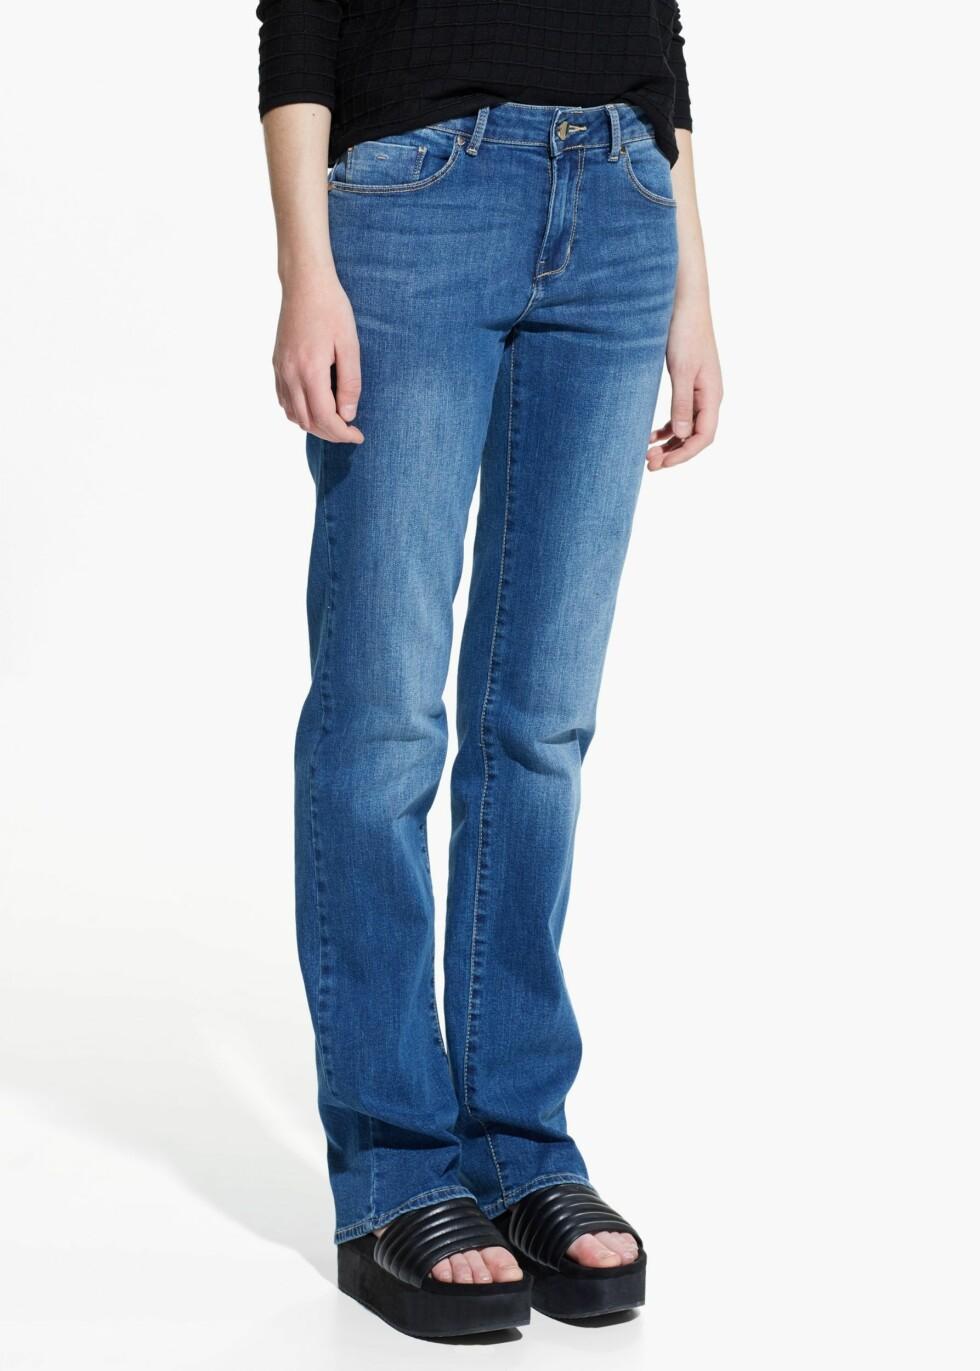 BALANSER: Et par jeans i såkalt cigarette- eller bootcut-design skaper balanse dersom du har brede hofter. Jeans fra Mango, kr 299. Foto: Produsentene